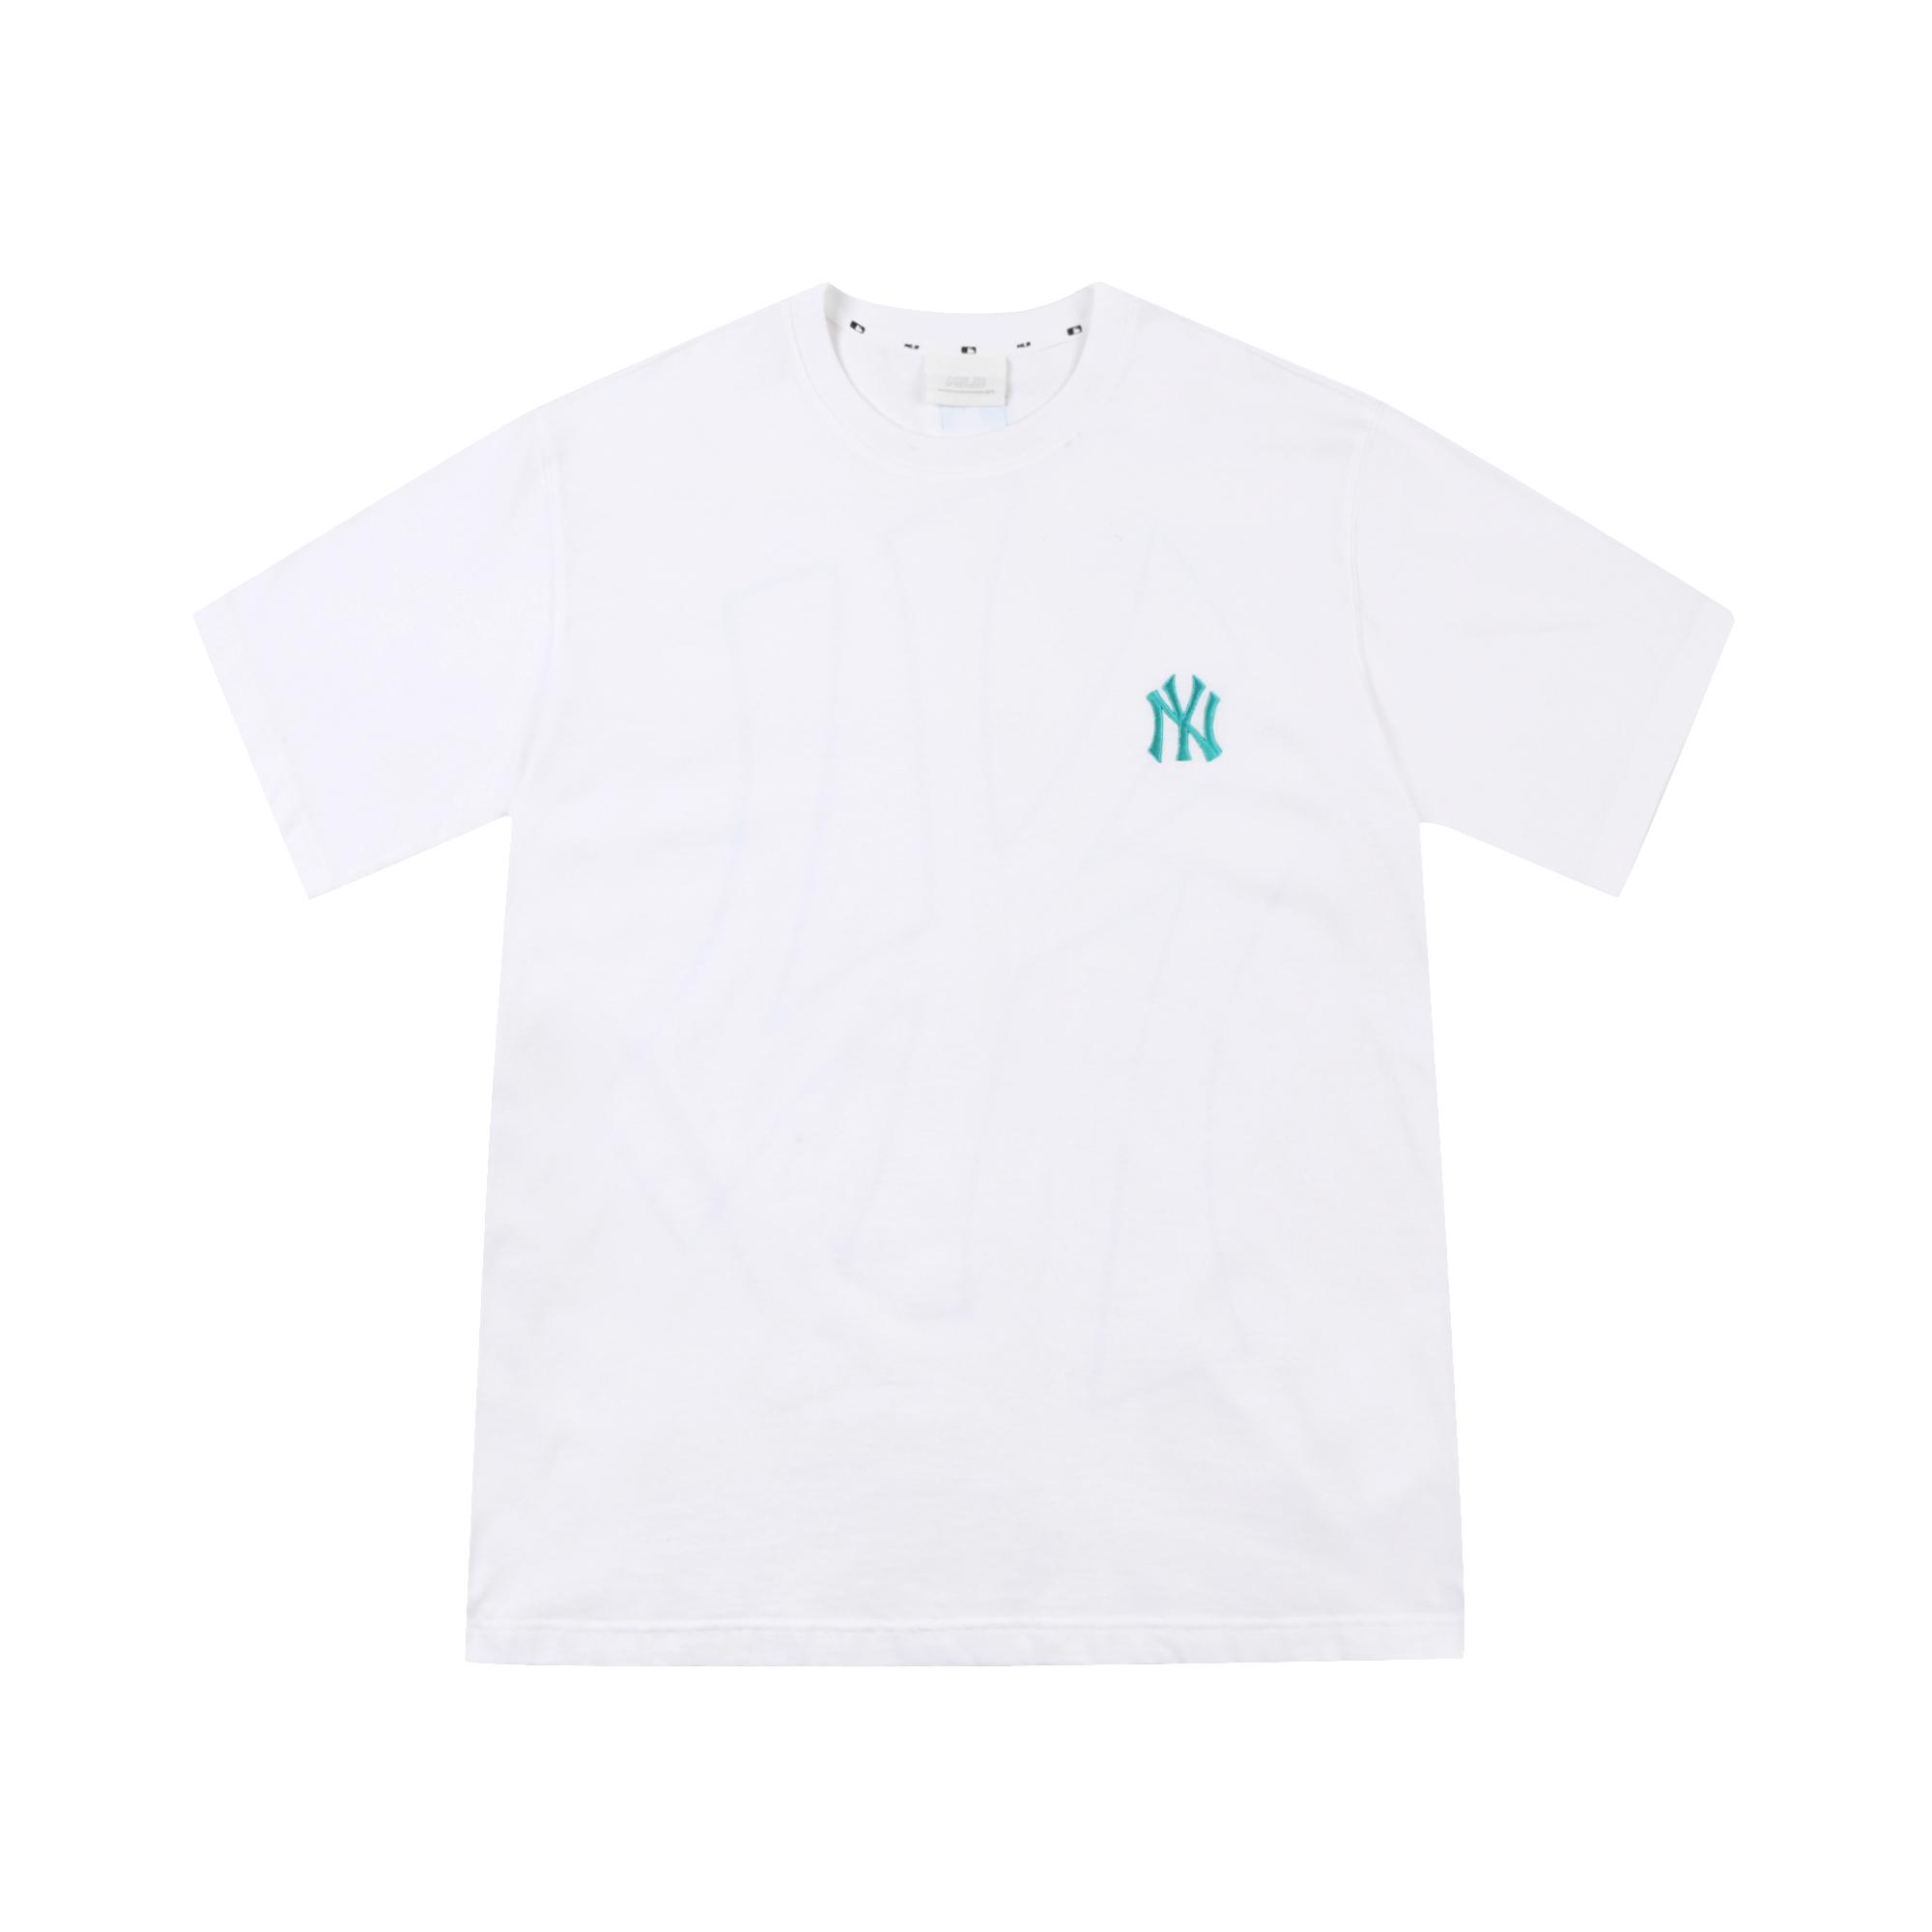 [해외전용] 메가로고 오버핏 반팔 티셔츠 뉴욕양키스